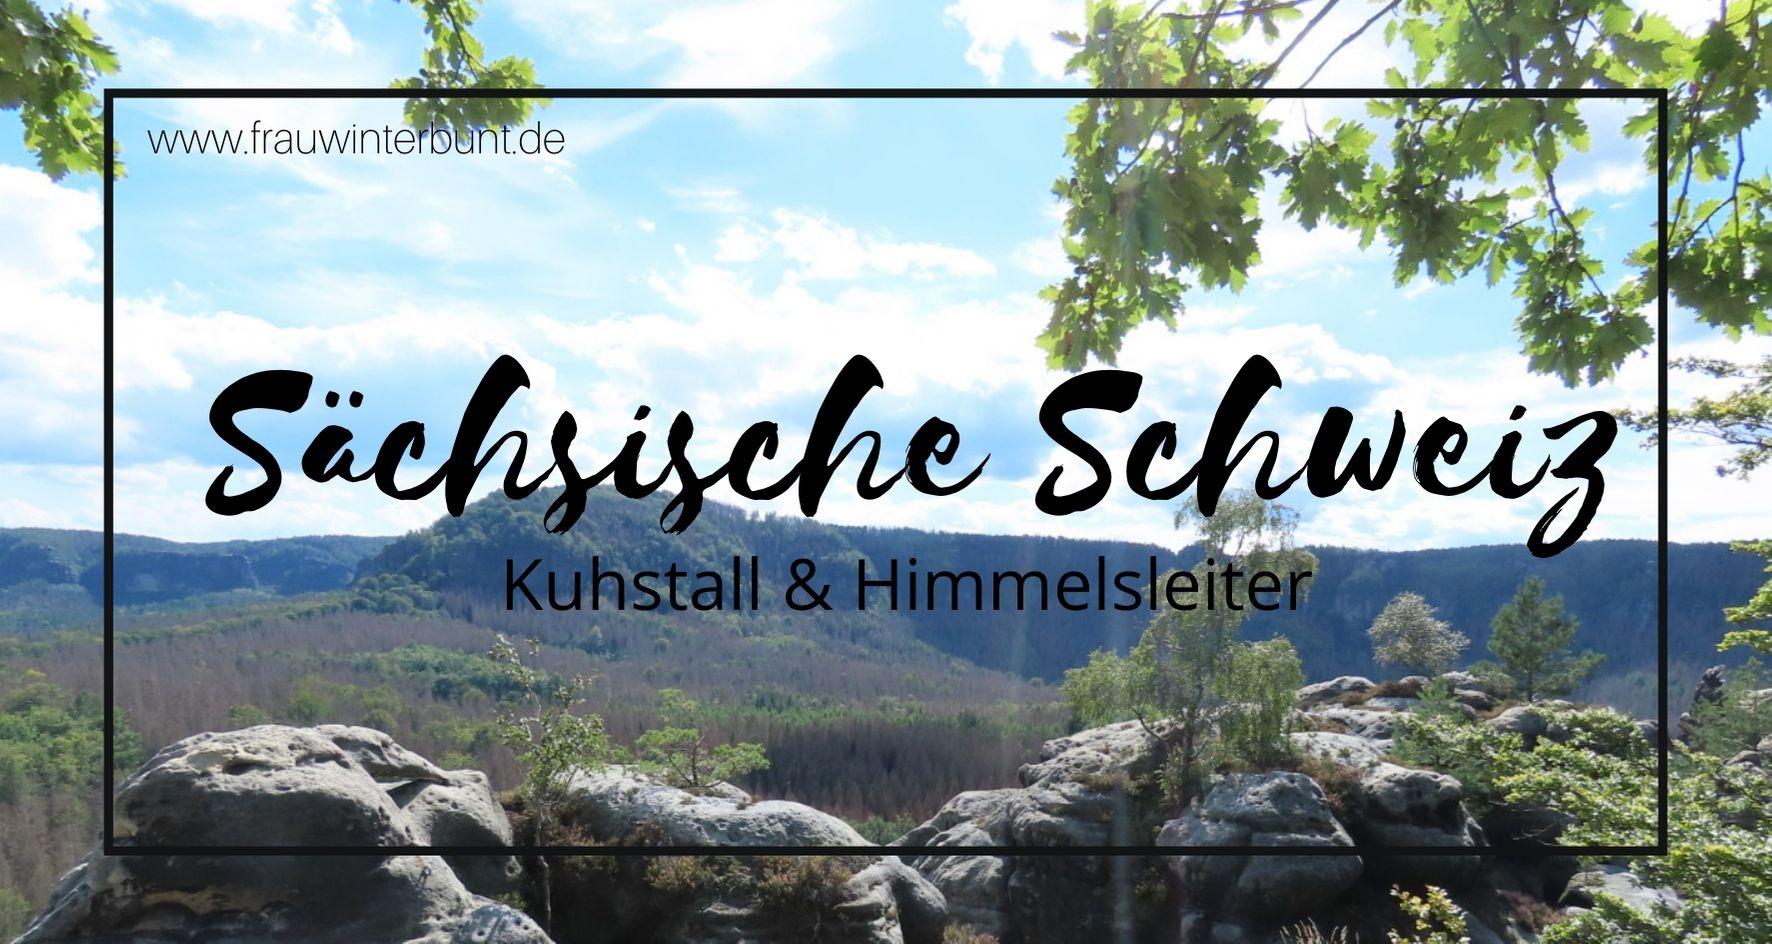 Wandern | Sächsische Schweiz – Kuhstall & Himmelsleiter